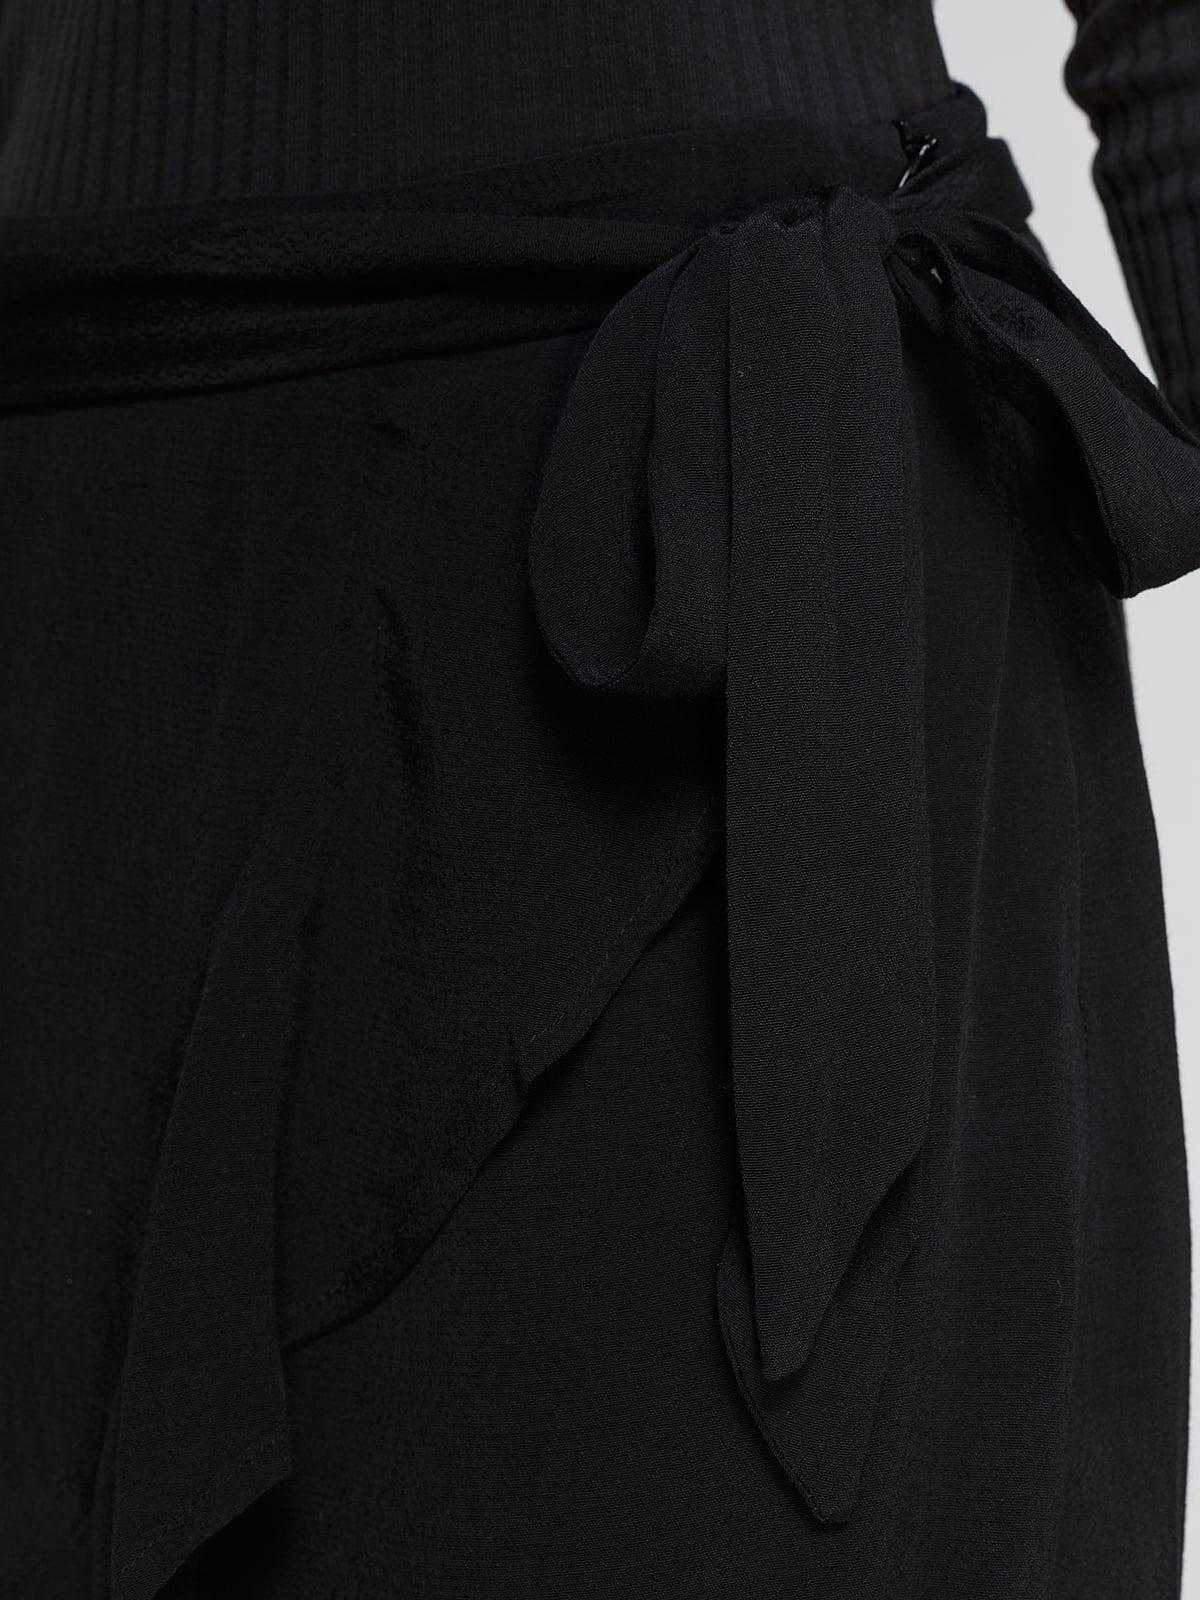 Юбка черная | 4556007 | фото 4